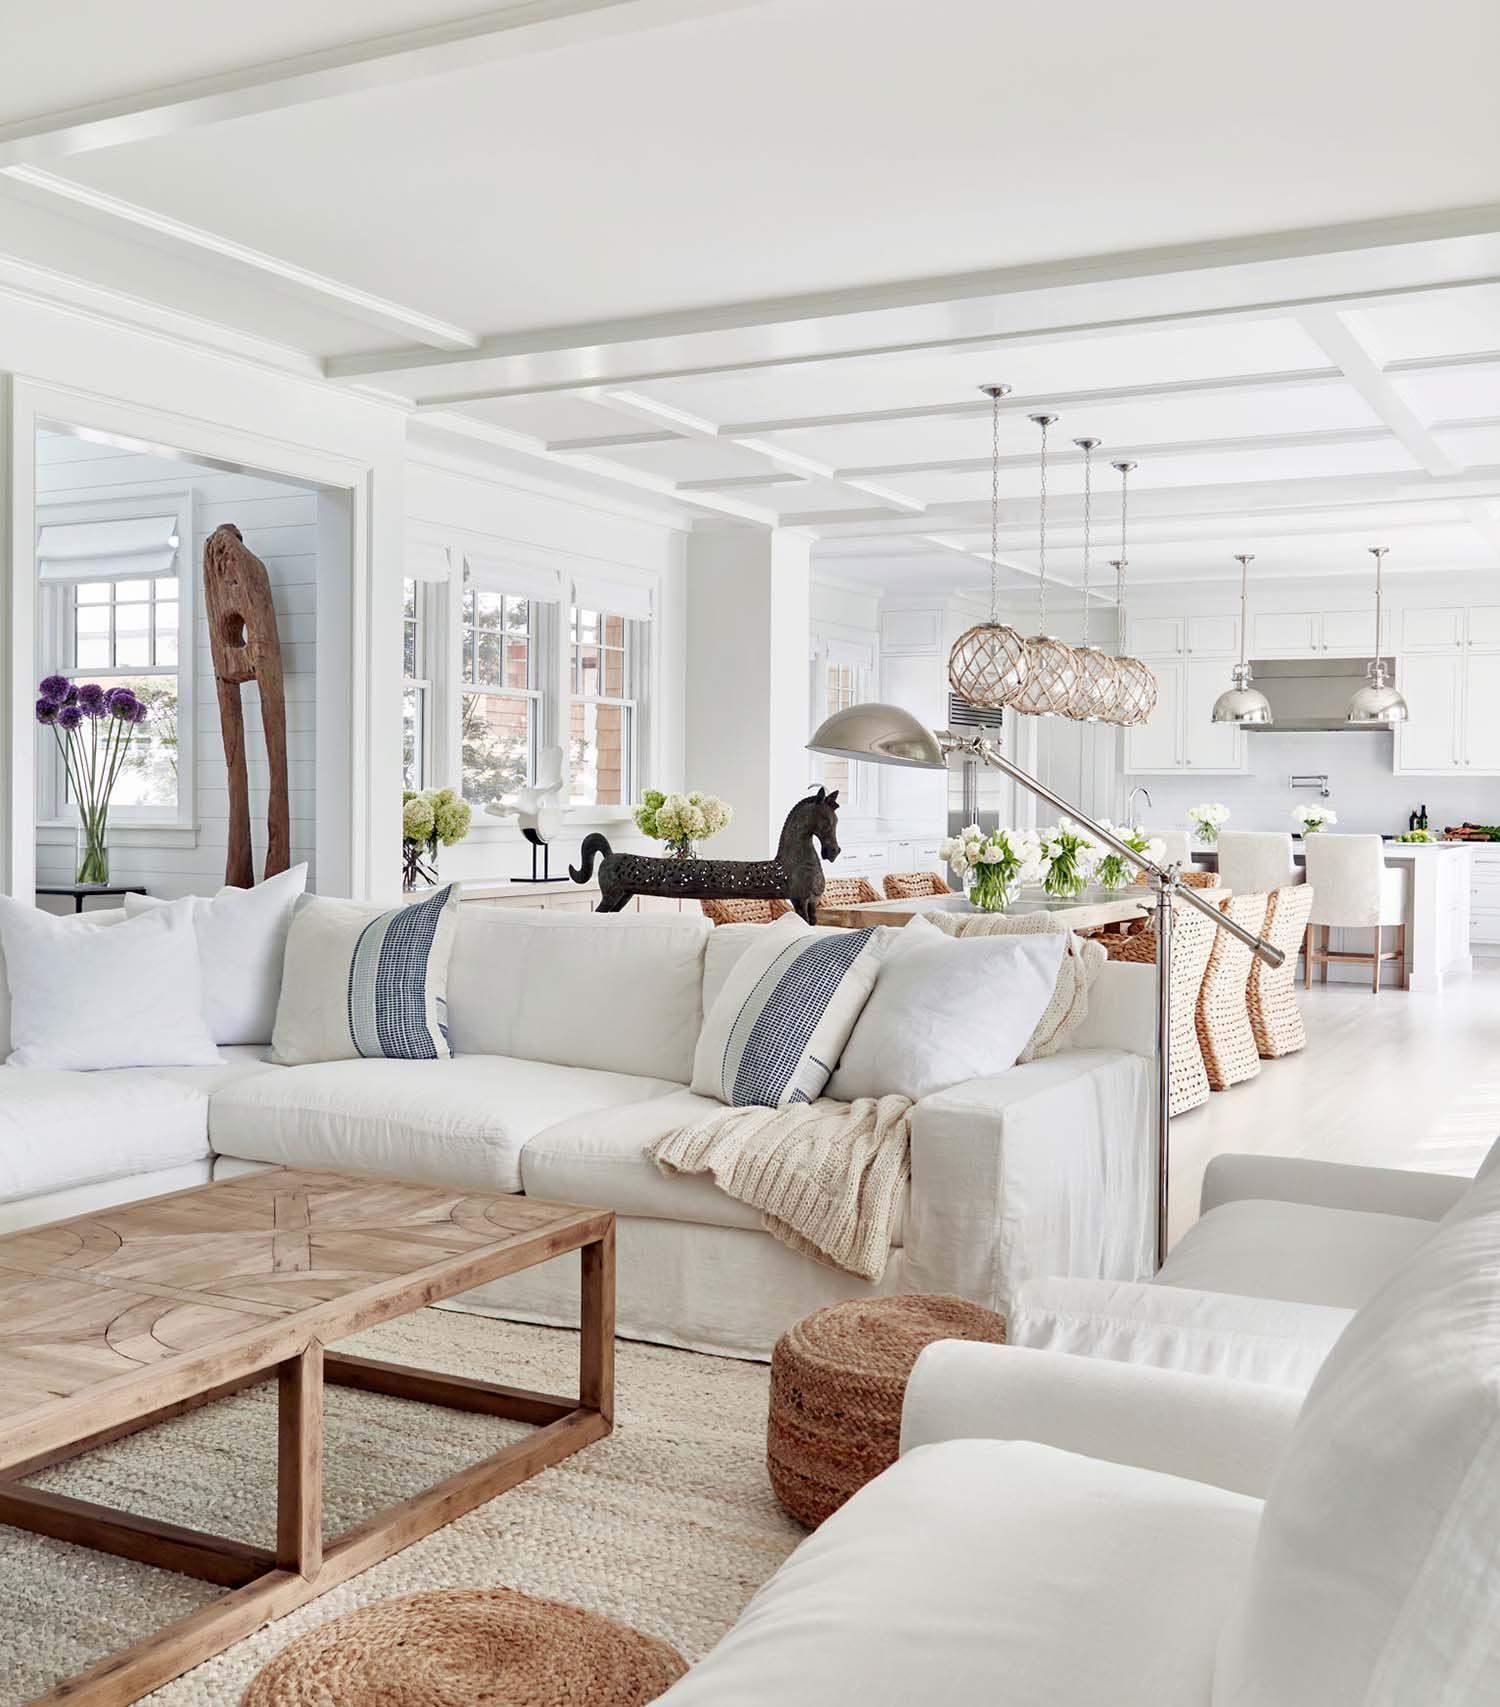 23 Beach Coastal Decor Ideas Inspired Home Decor Decoratoo Farm House Living Room Beach House Interior Design Coastal Living Rooms